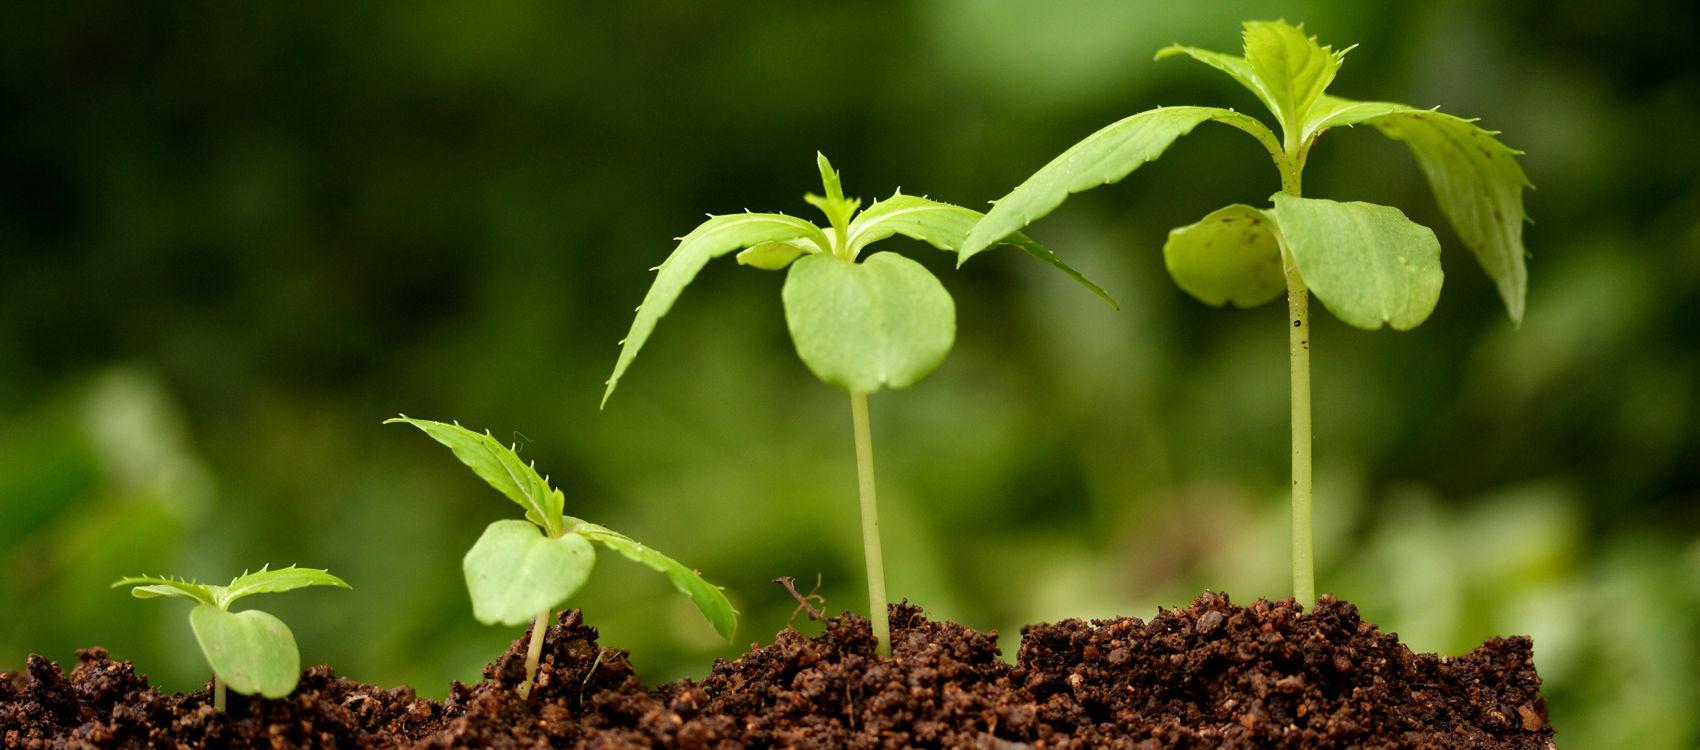 Стимуляторы роста растений – необходимый допинг для рекордного урожая